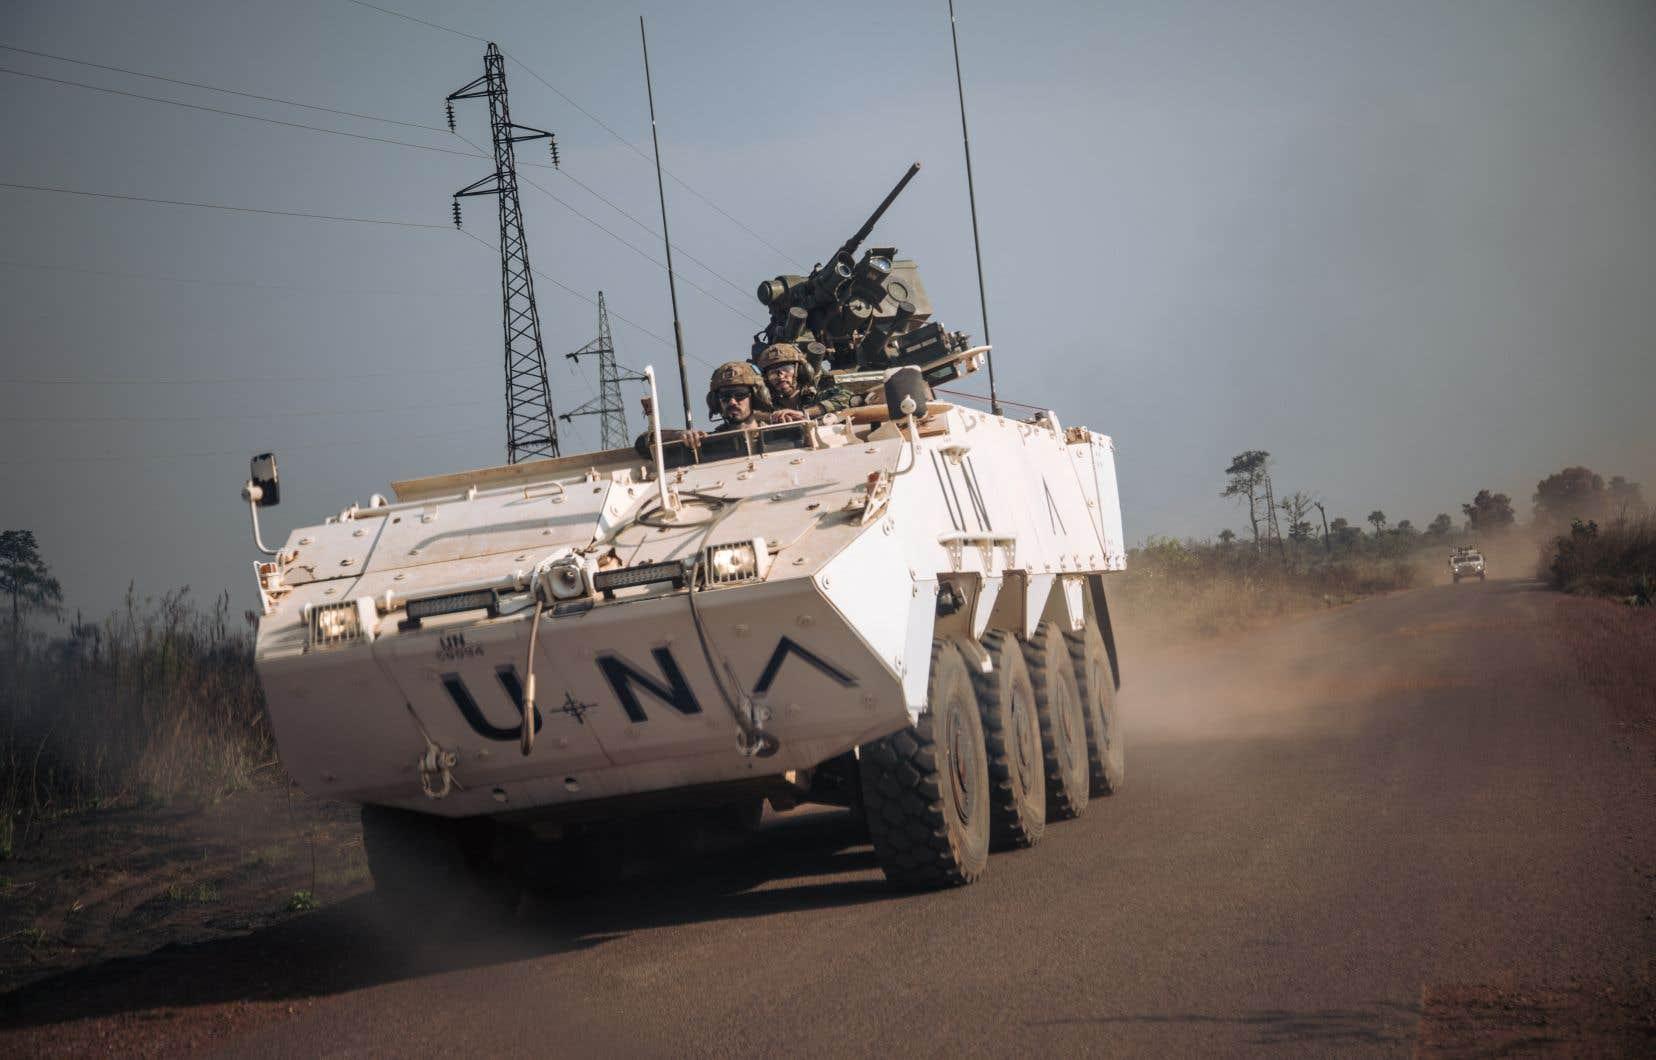 L'attaque a donné lieu à deux heures d'échanges de tirs avec l'armée et des Casques bleus de la Mission de l'ONU en Centrafrique (Minusca), ont précisé de hauts responsables d'ONG et de l'ONU.